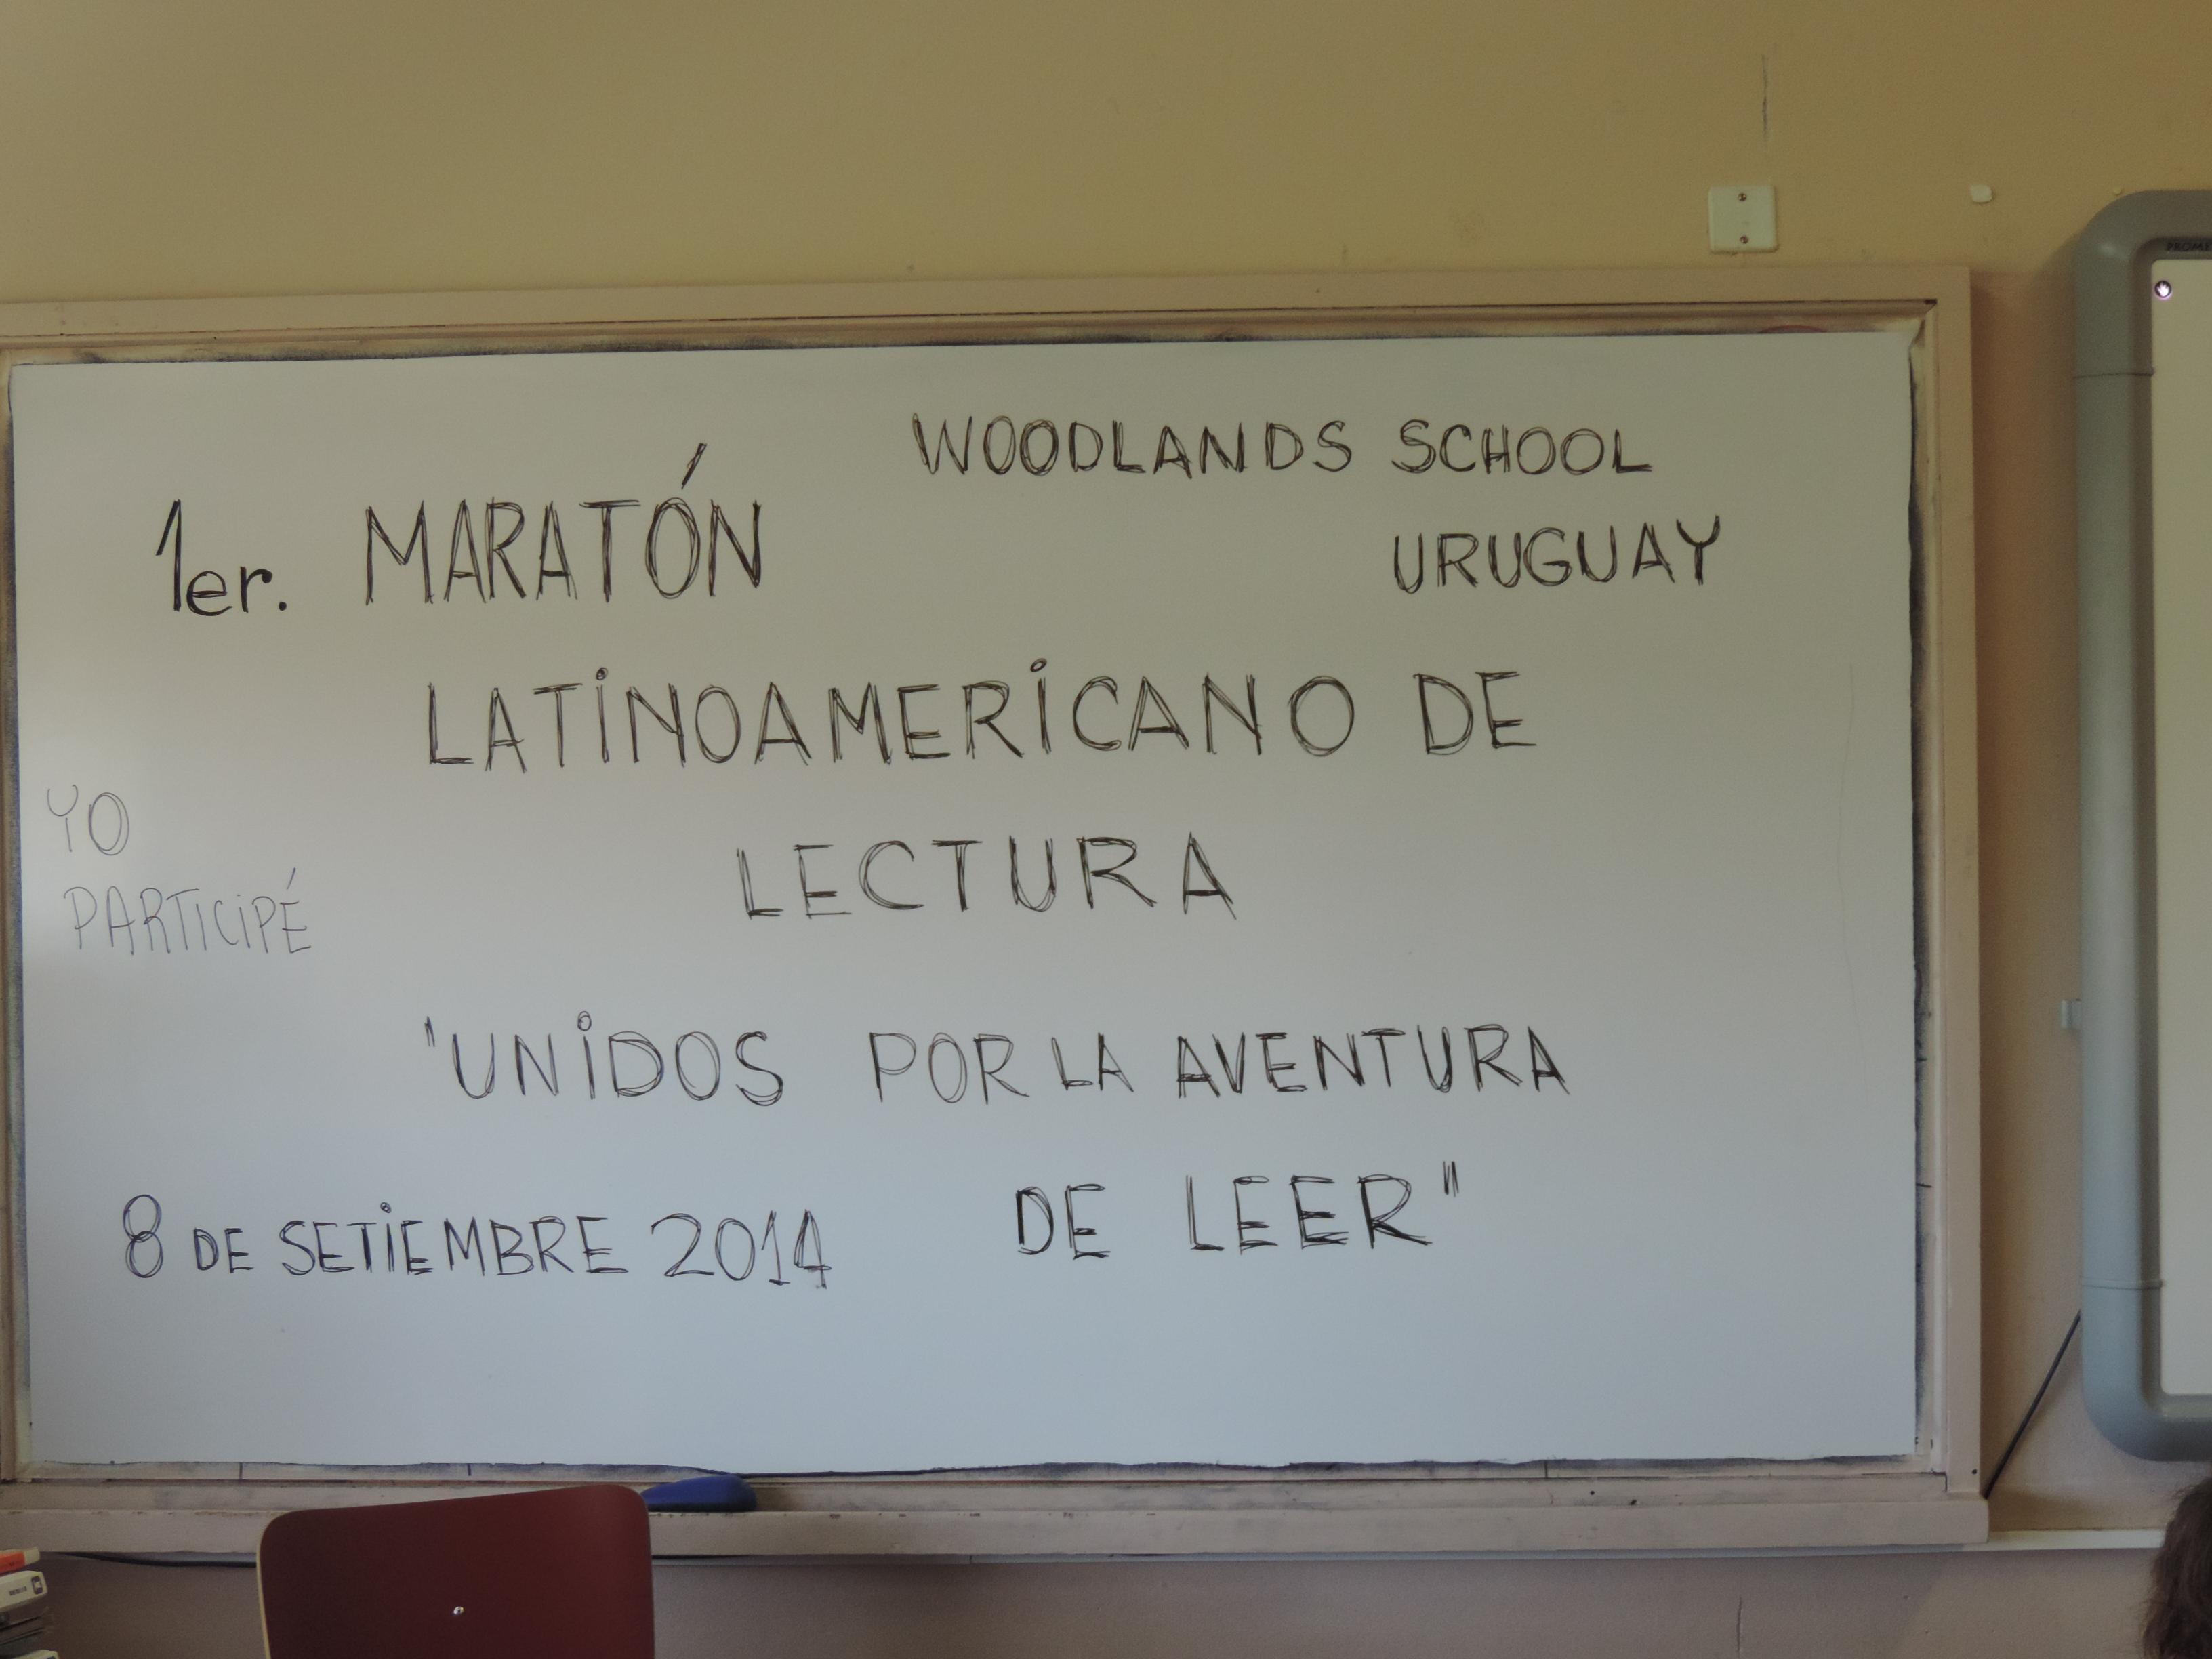 Woodlands School, Montevideo Uruguay